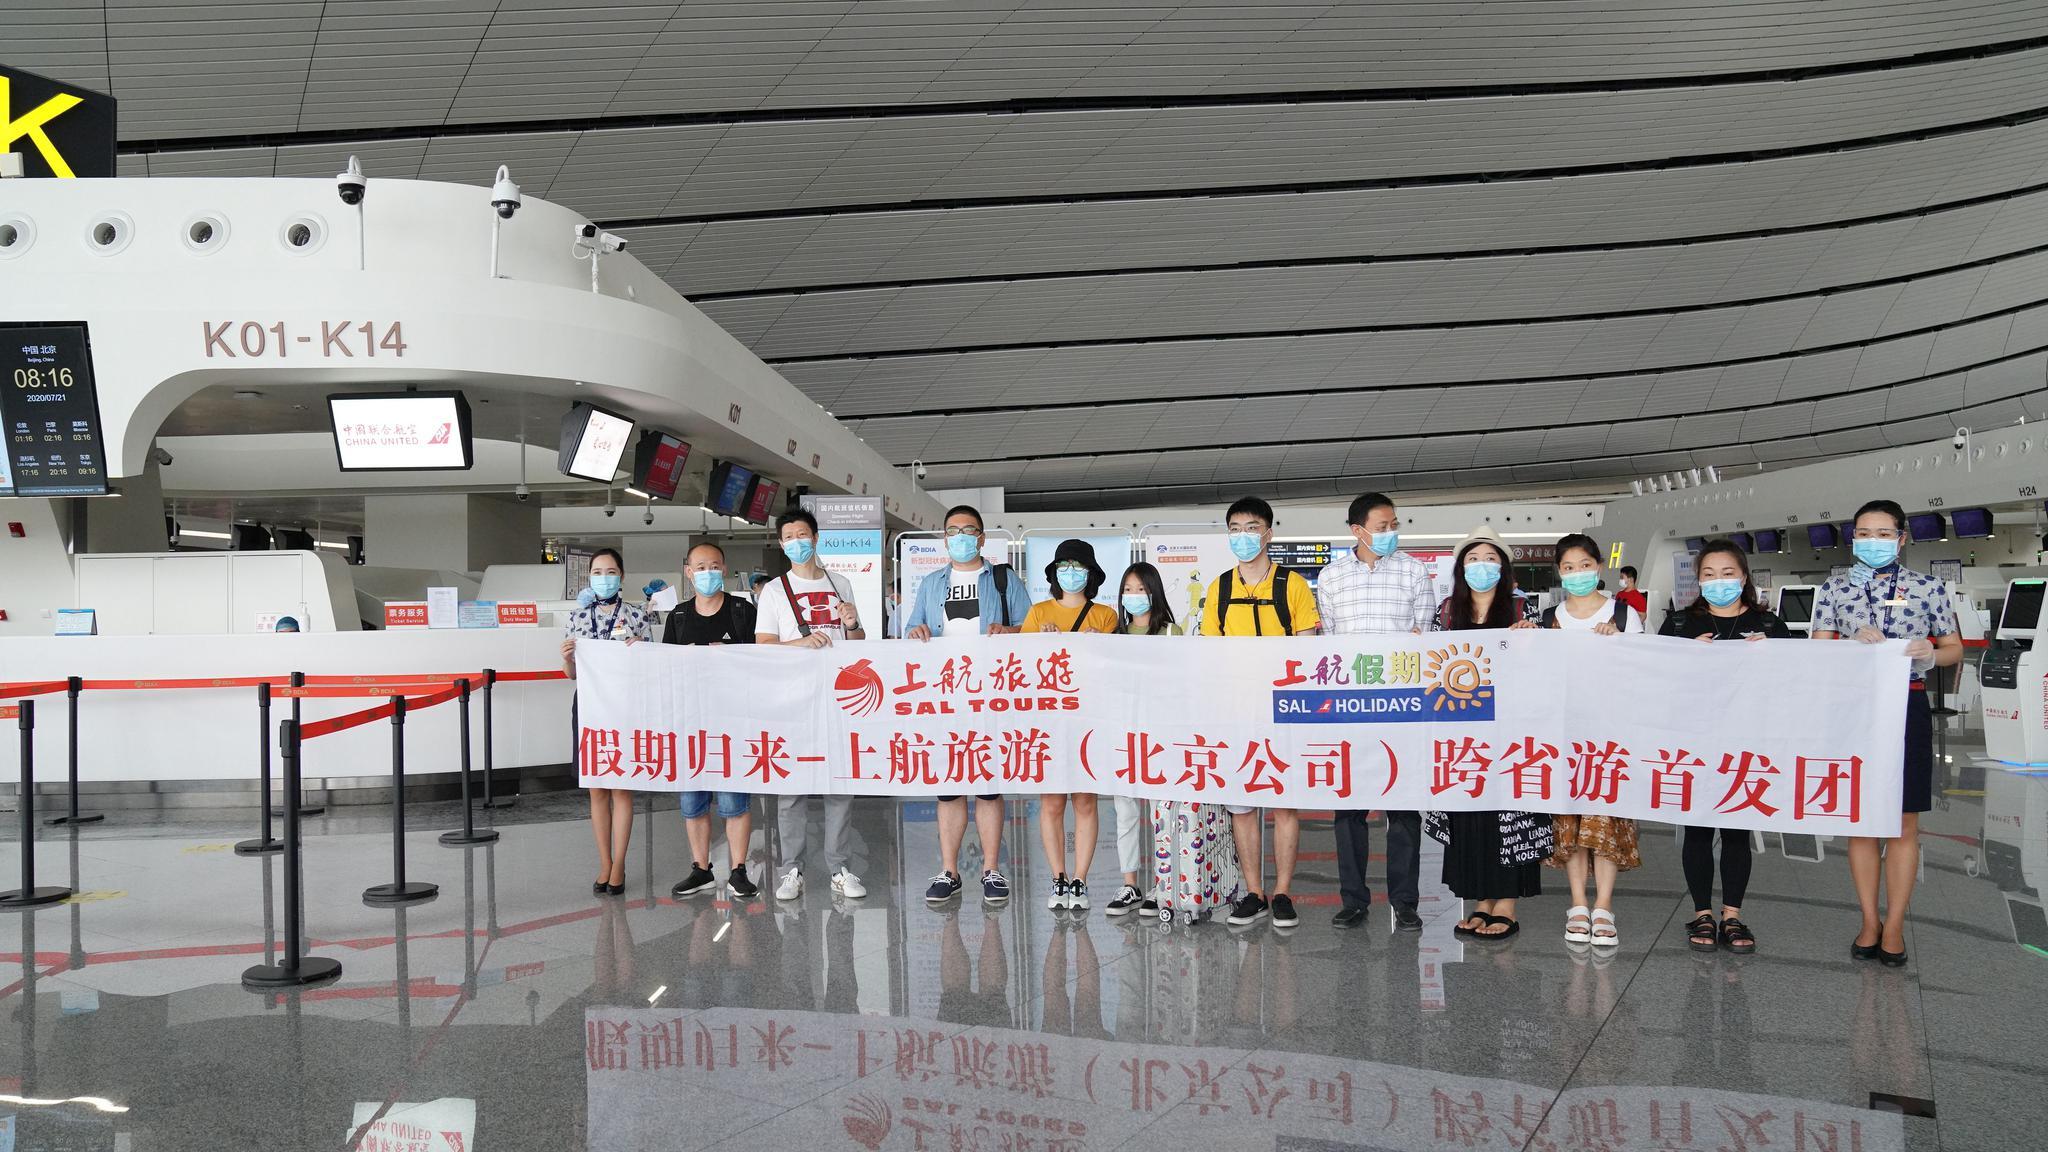 杏悦:迎首个跨省出京旅游杏悦团游客图片